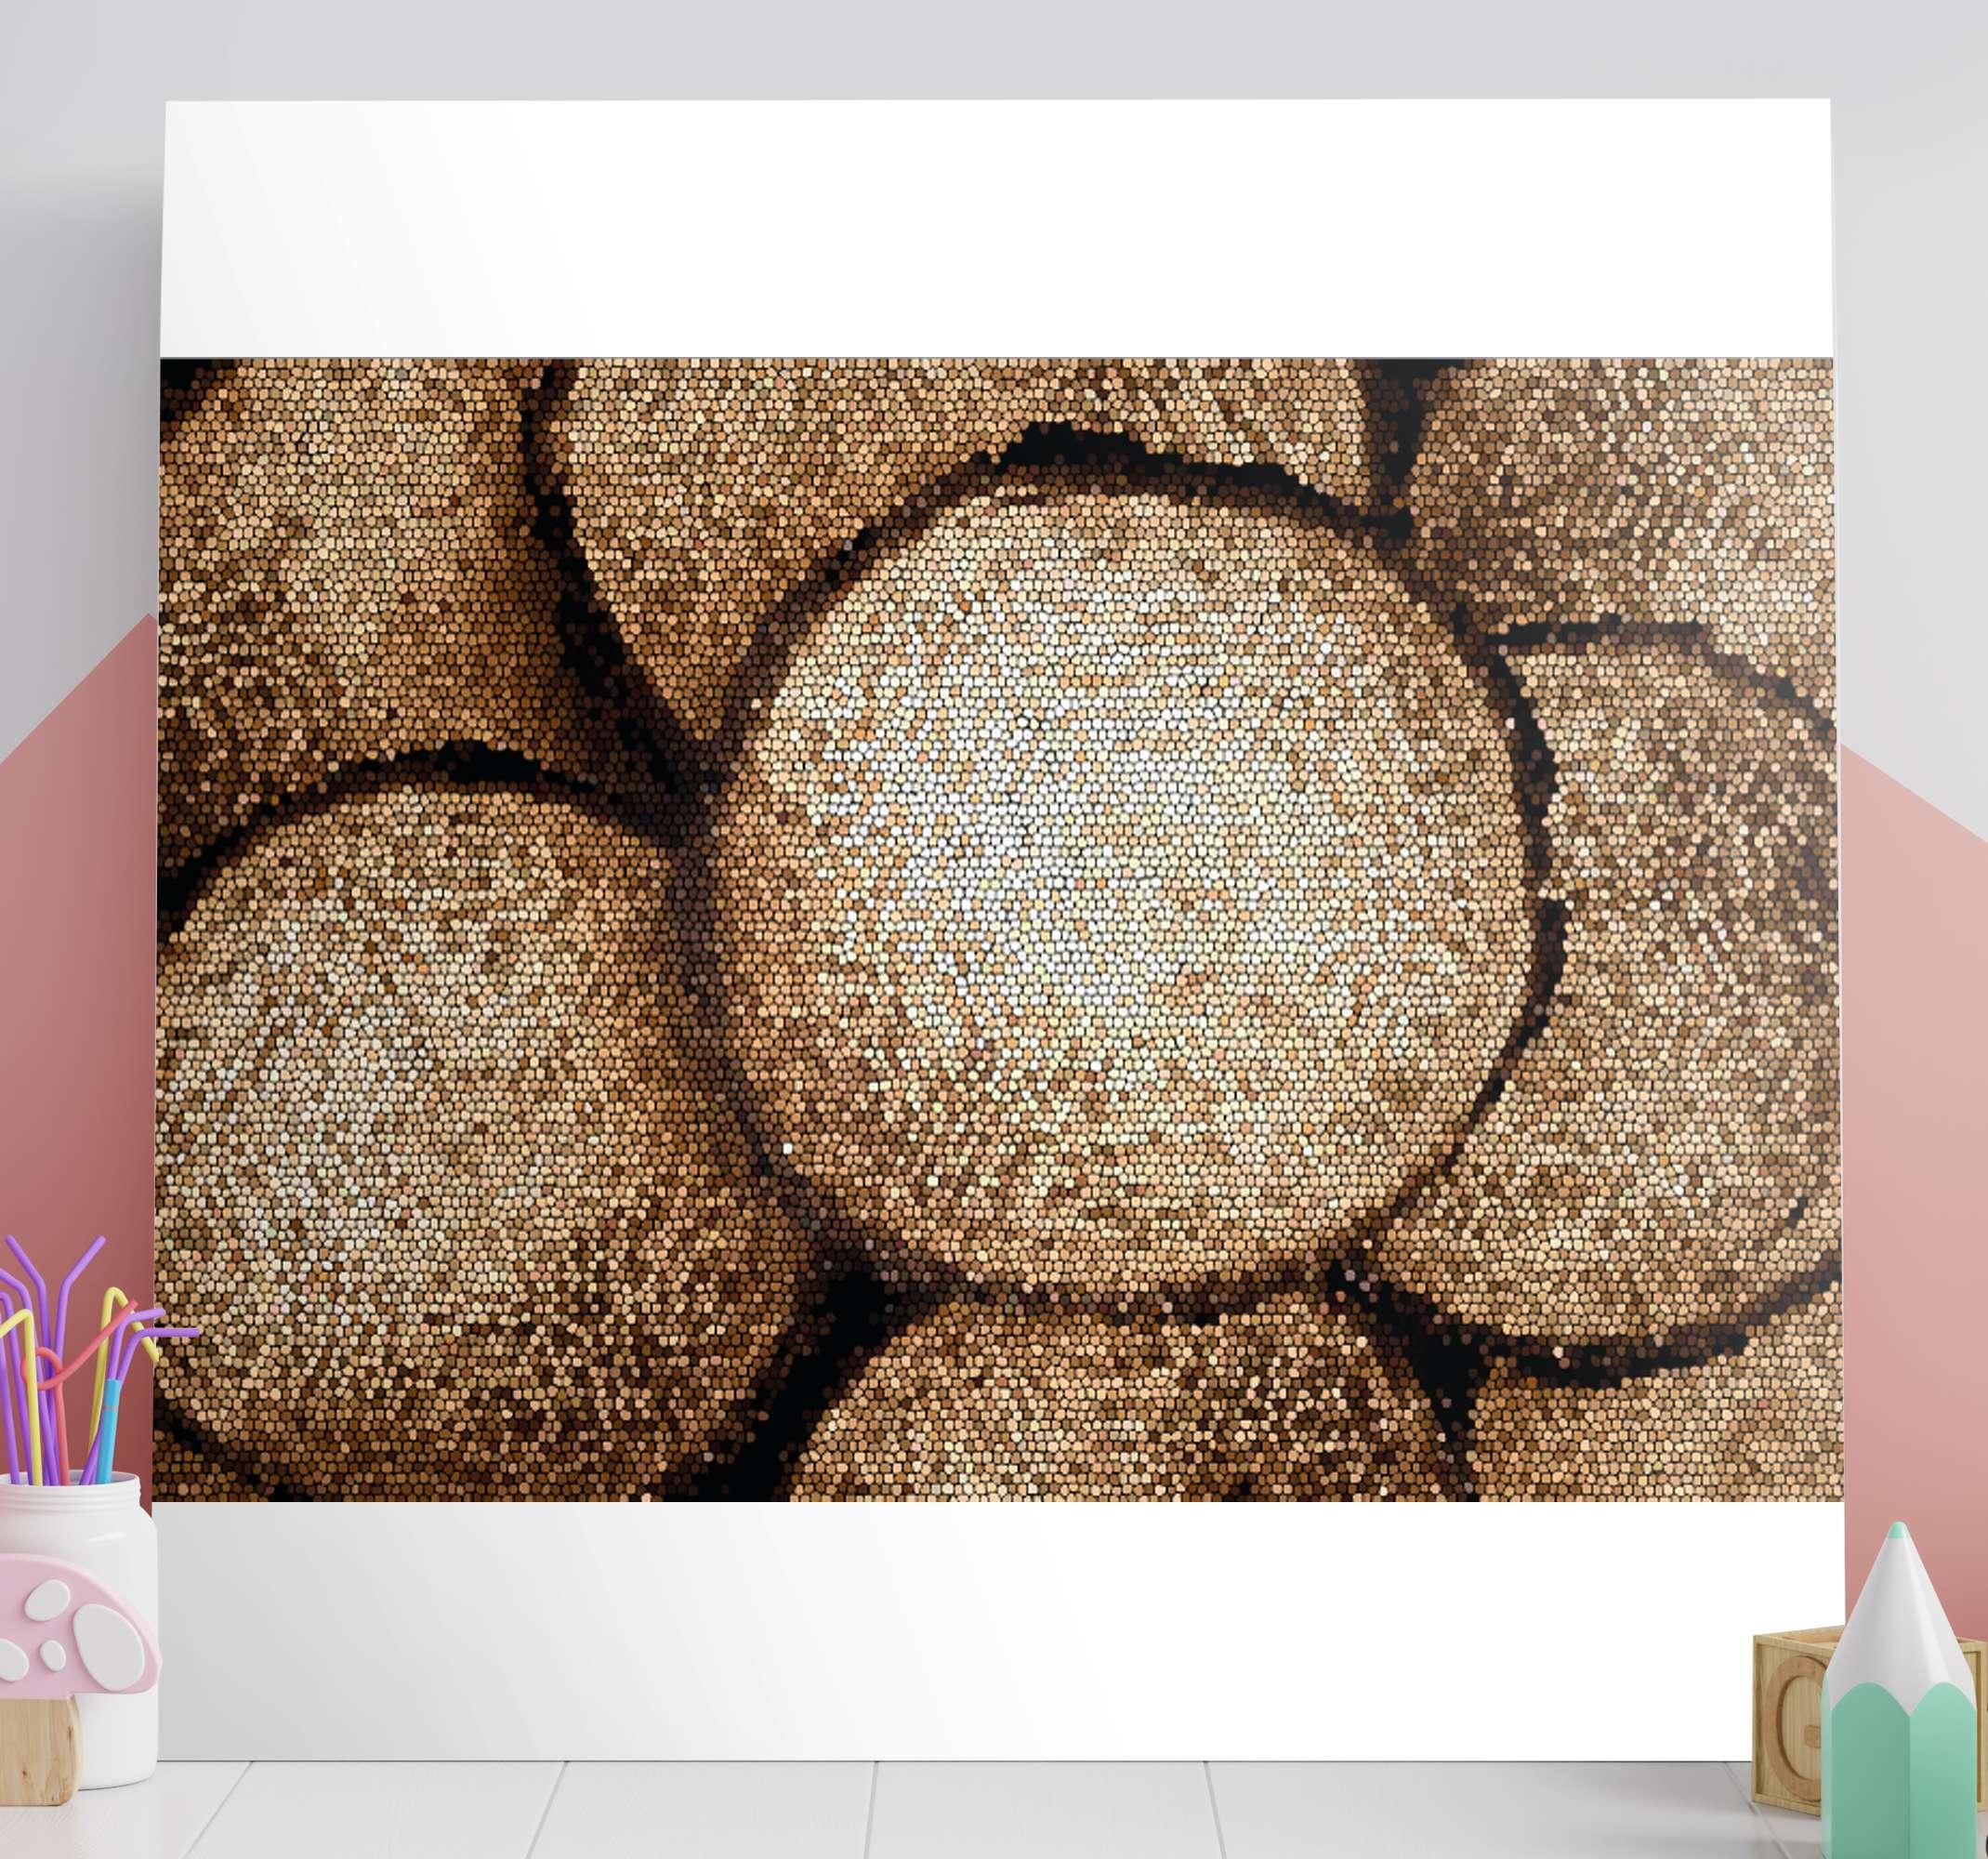 TENSTICKERS. 木製の正方形の写真モザイクキャンバス. あなたの家の壁を飾るのに最適な木製デザインのモザイクキャンバスプリント。今すぐサインアップして、最初の注文が10%オフになります。